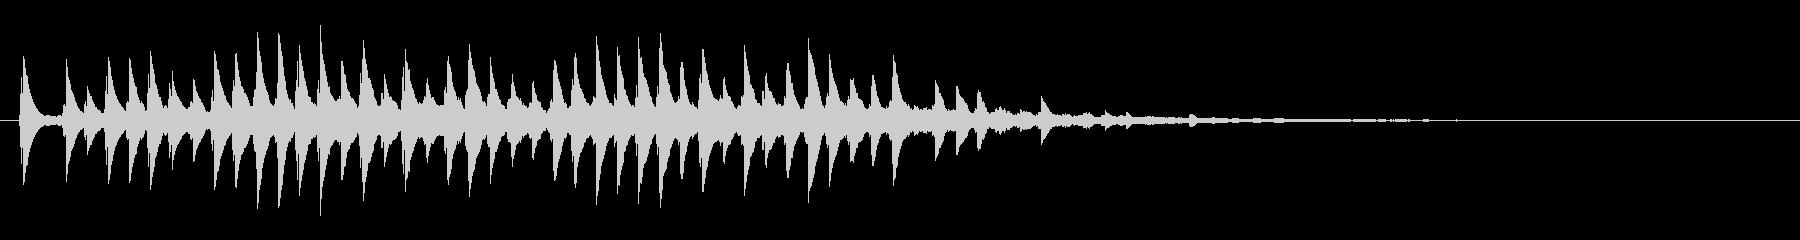 キラキラして透明感のあるサウンドロゴの未再生の波形